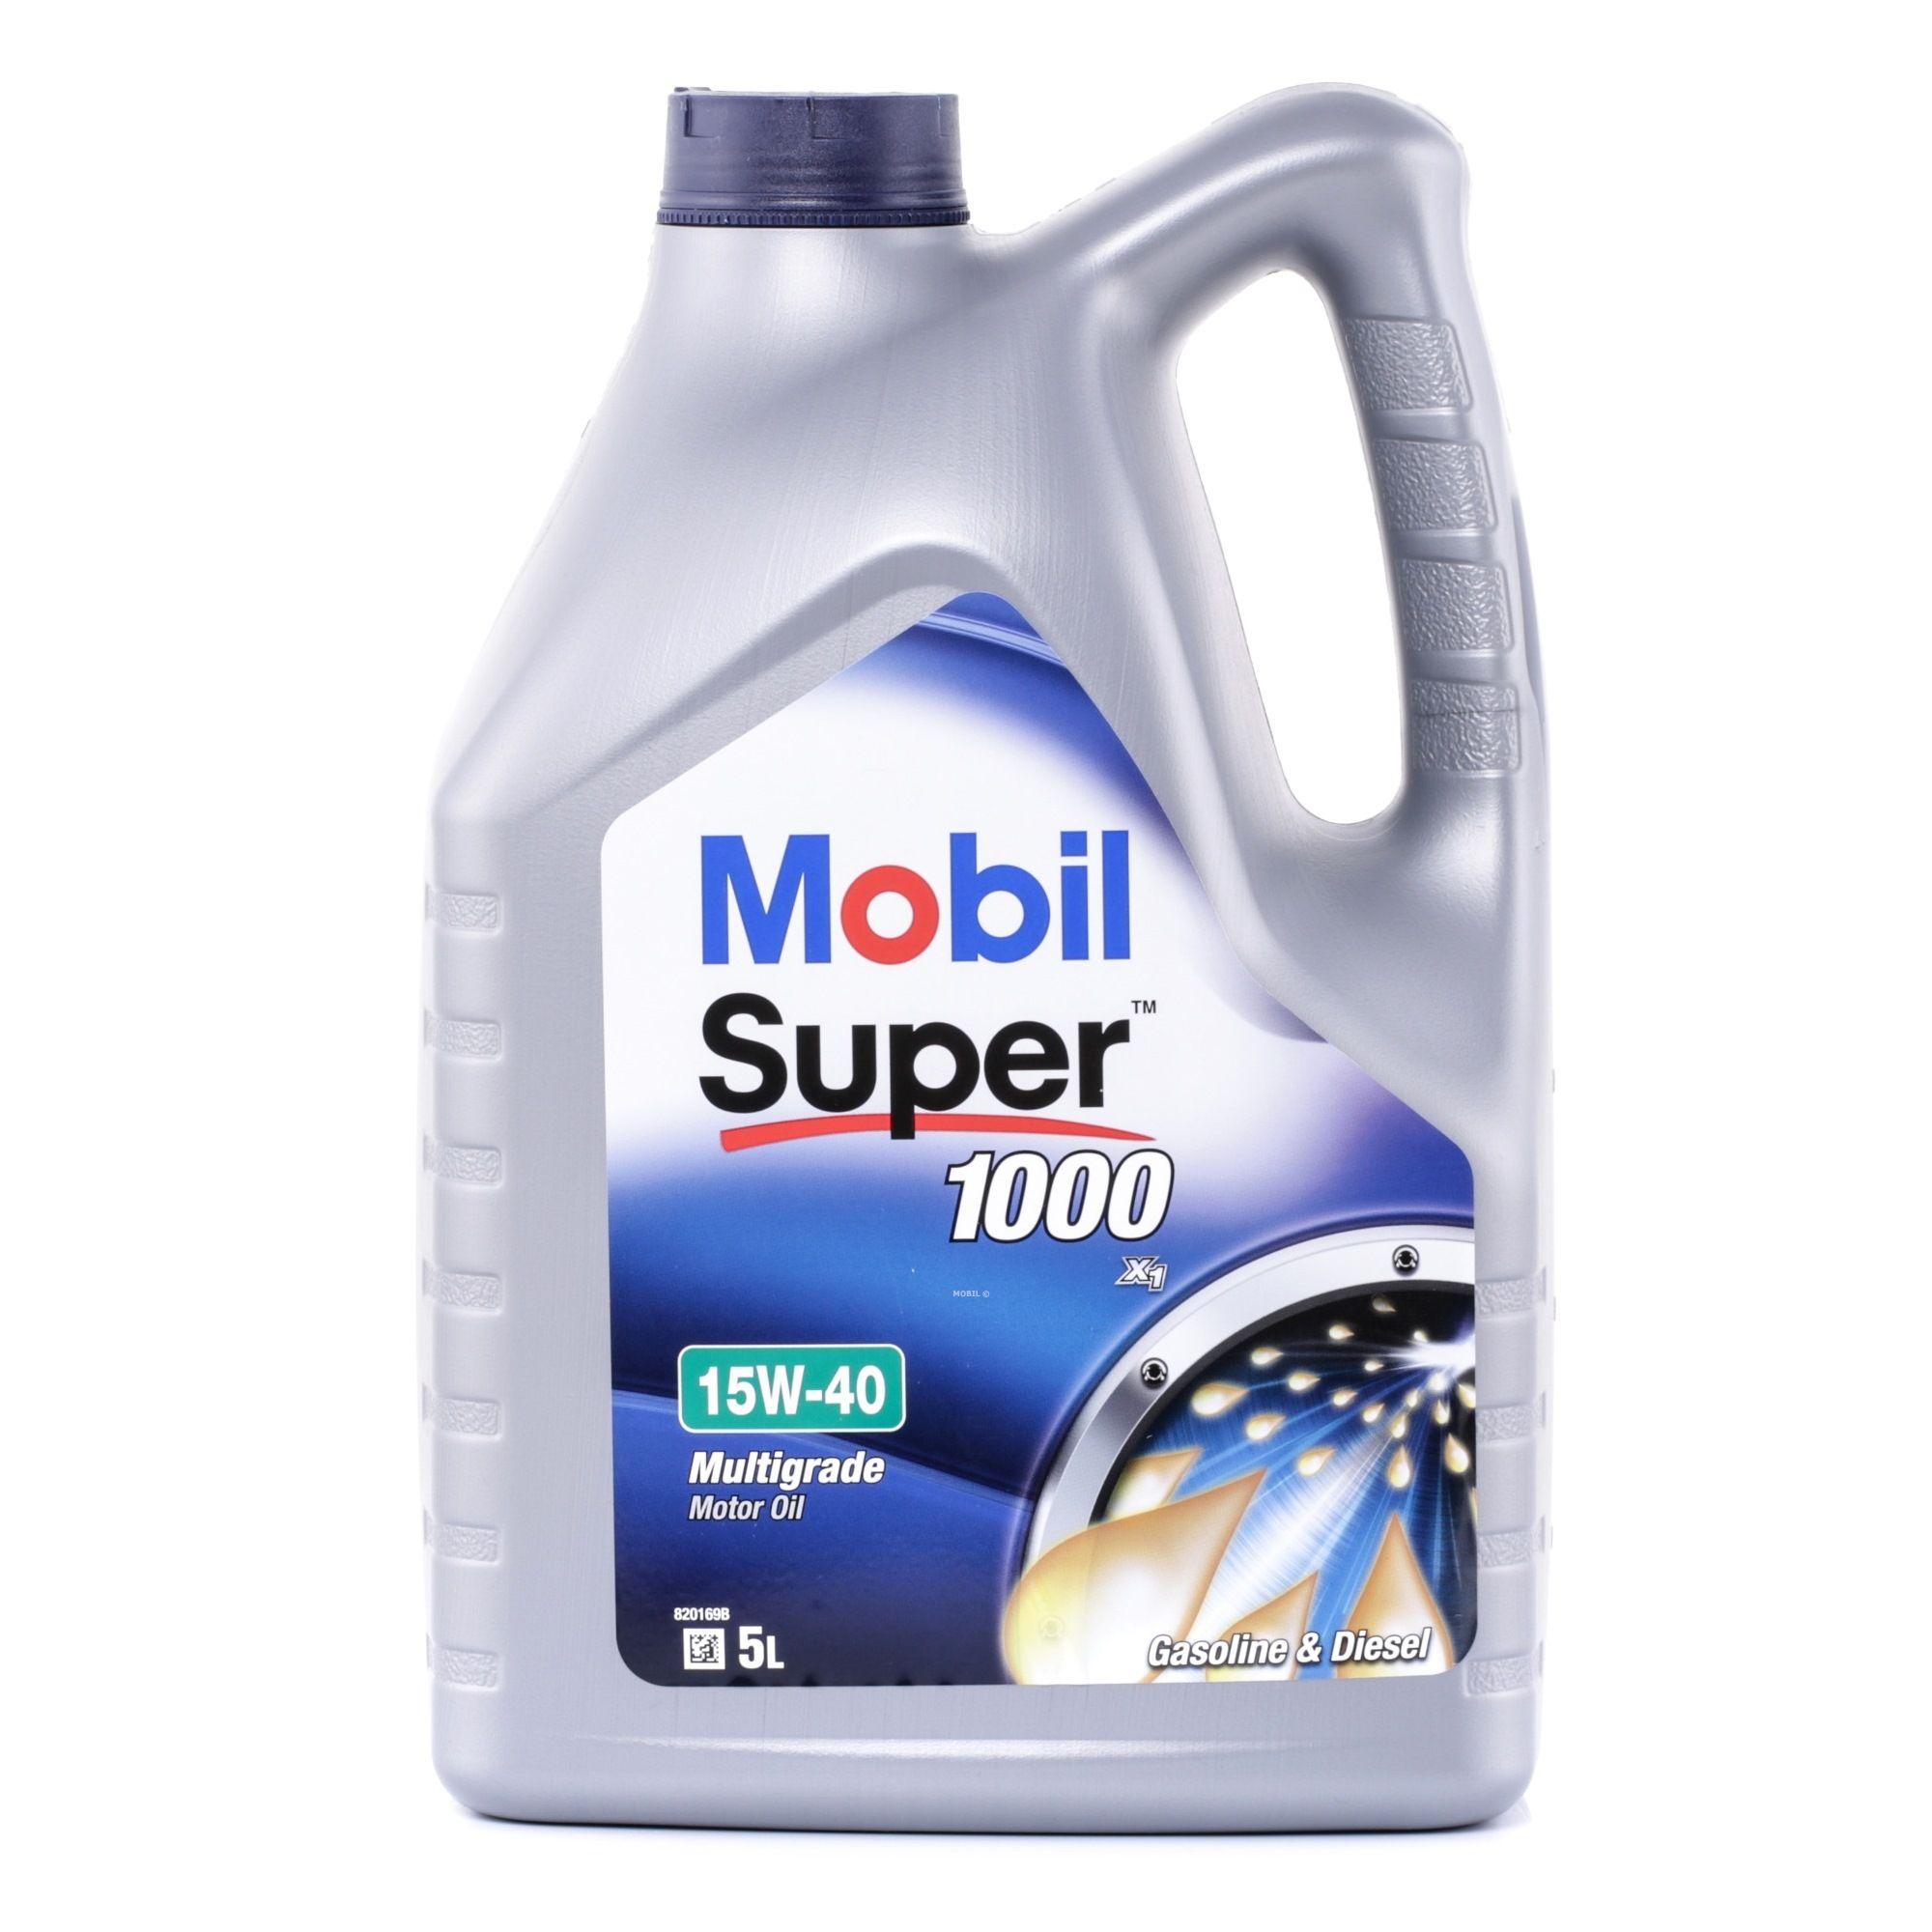 Motorove oleje 150867 s vynikajícím poměrem mezi cenou a MOBIL kvalitou